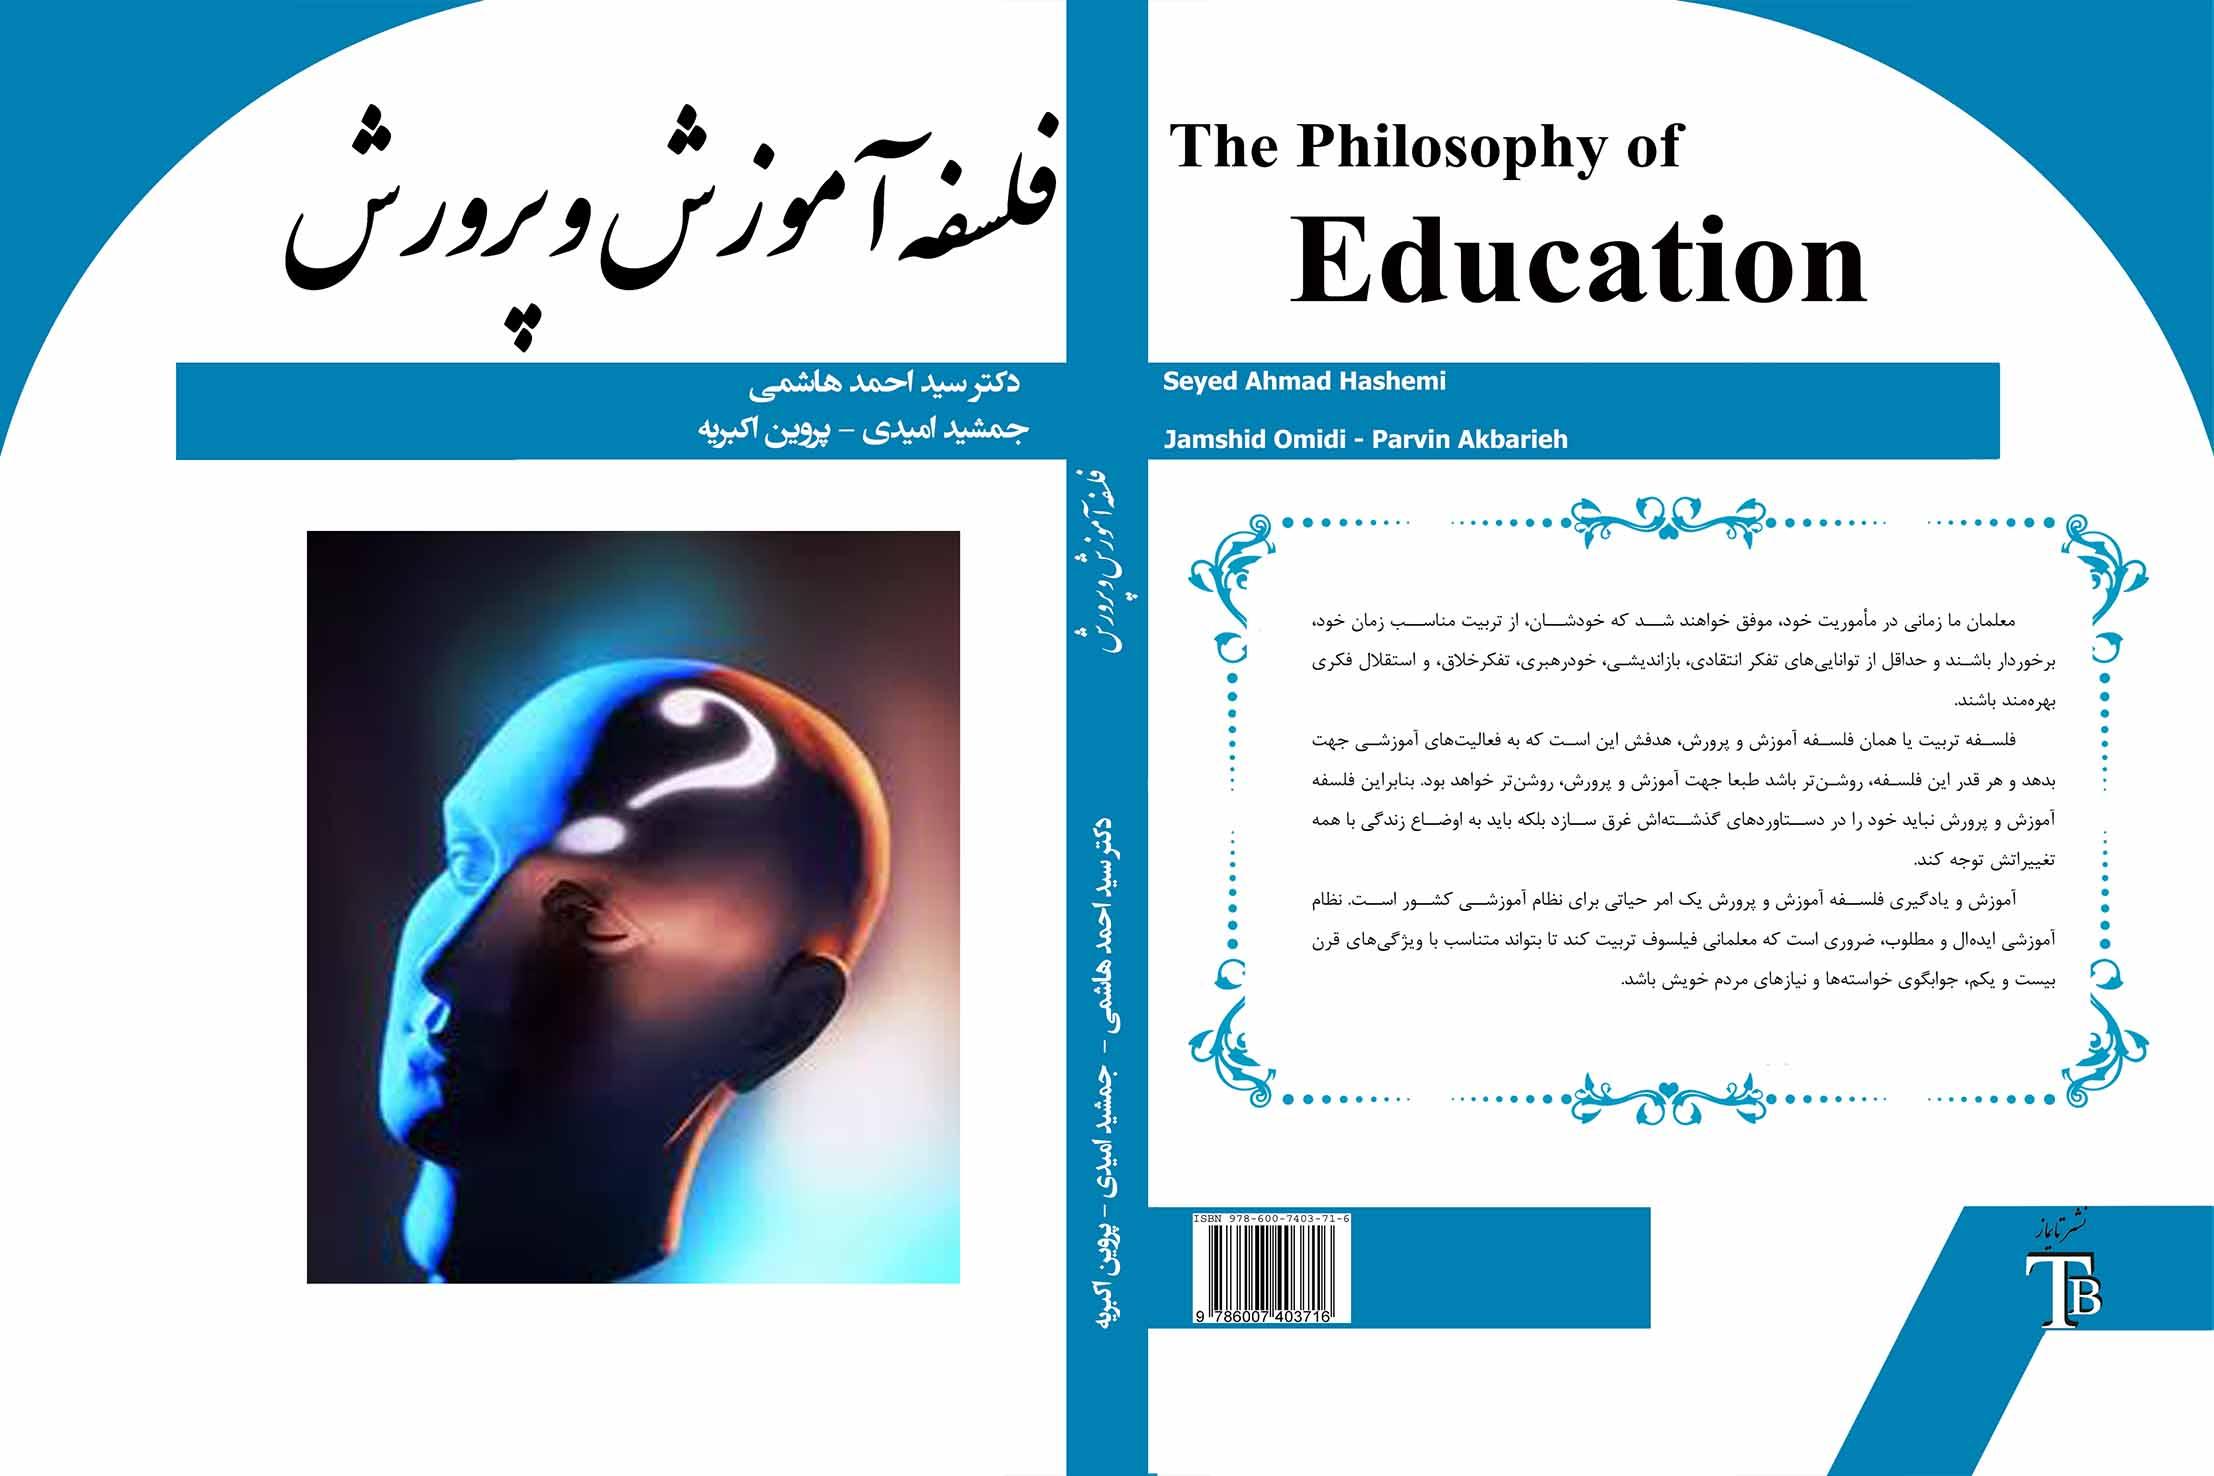 فلسفه آموزش و پرورش